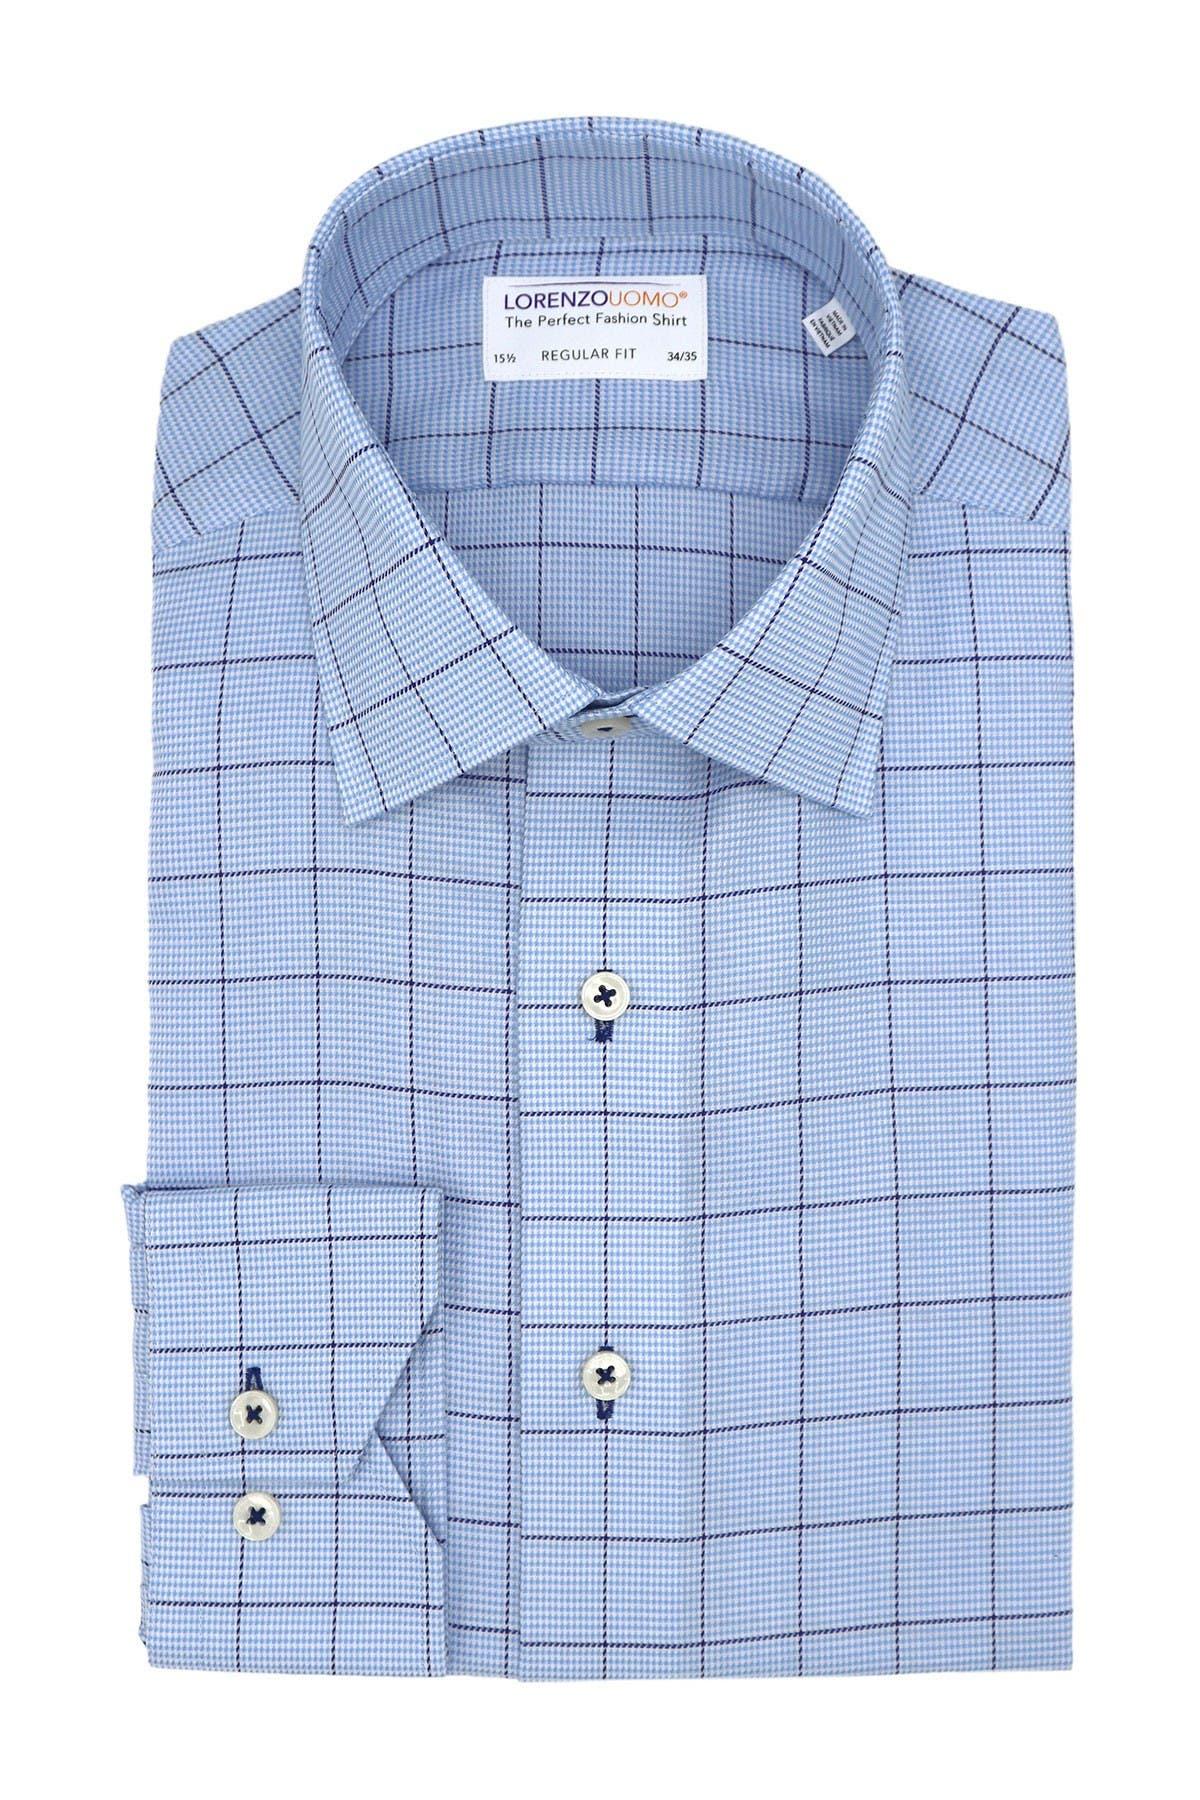 Image of Lorenzo Uomo Oxford Grid Print Regular Fit Dress Shirt